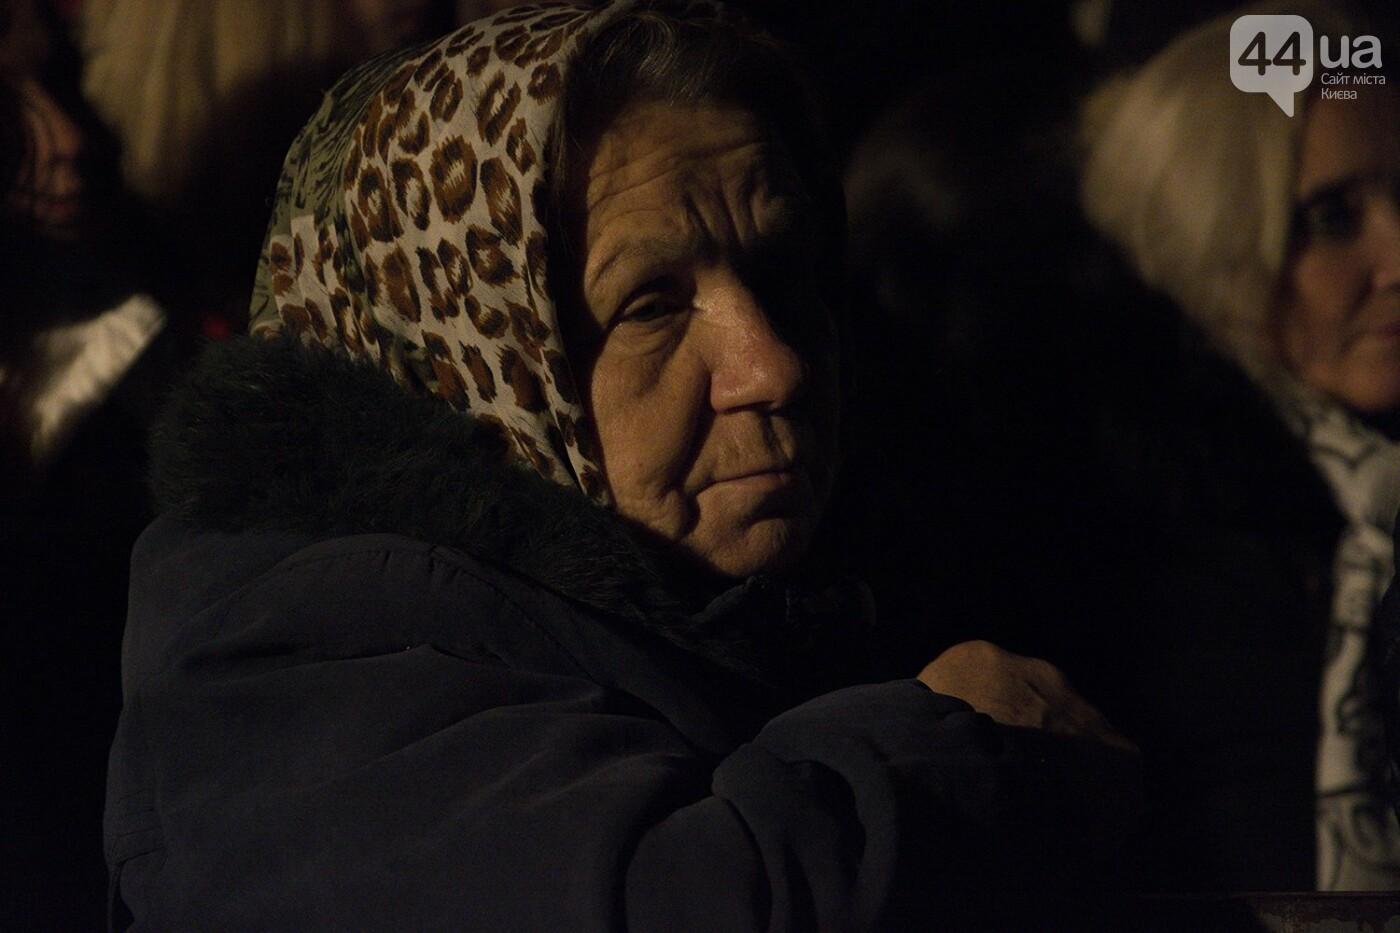 Годовщина Евромайдана: в Киеве зажгли Лучи достоинства, фото-3